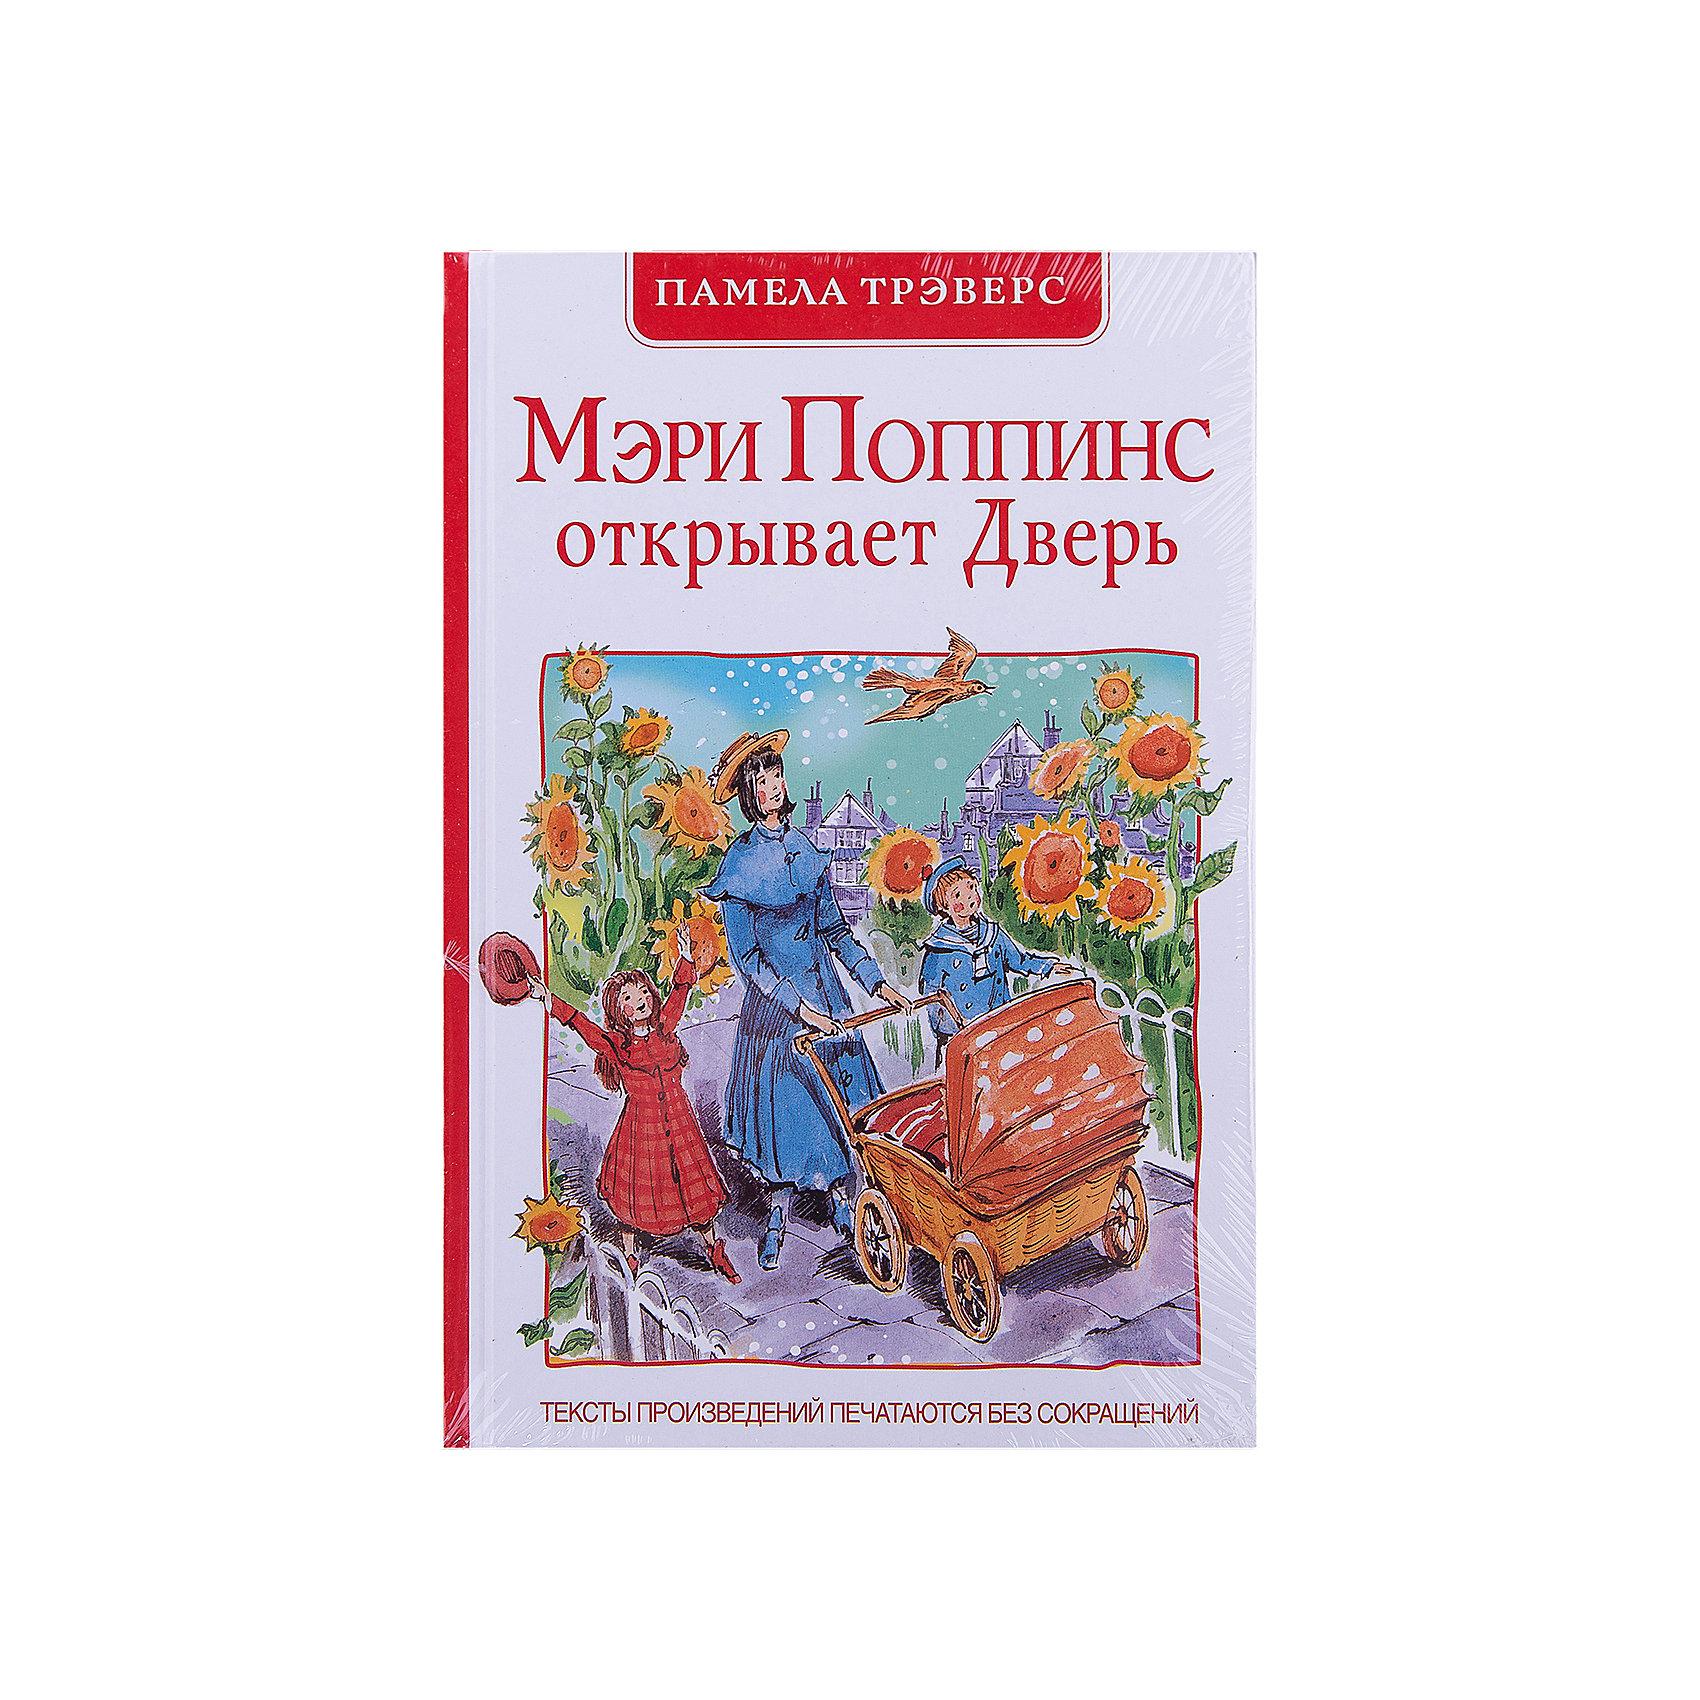 Росмэн Мэри Поппинс открывает дверь, П. Трэверс